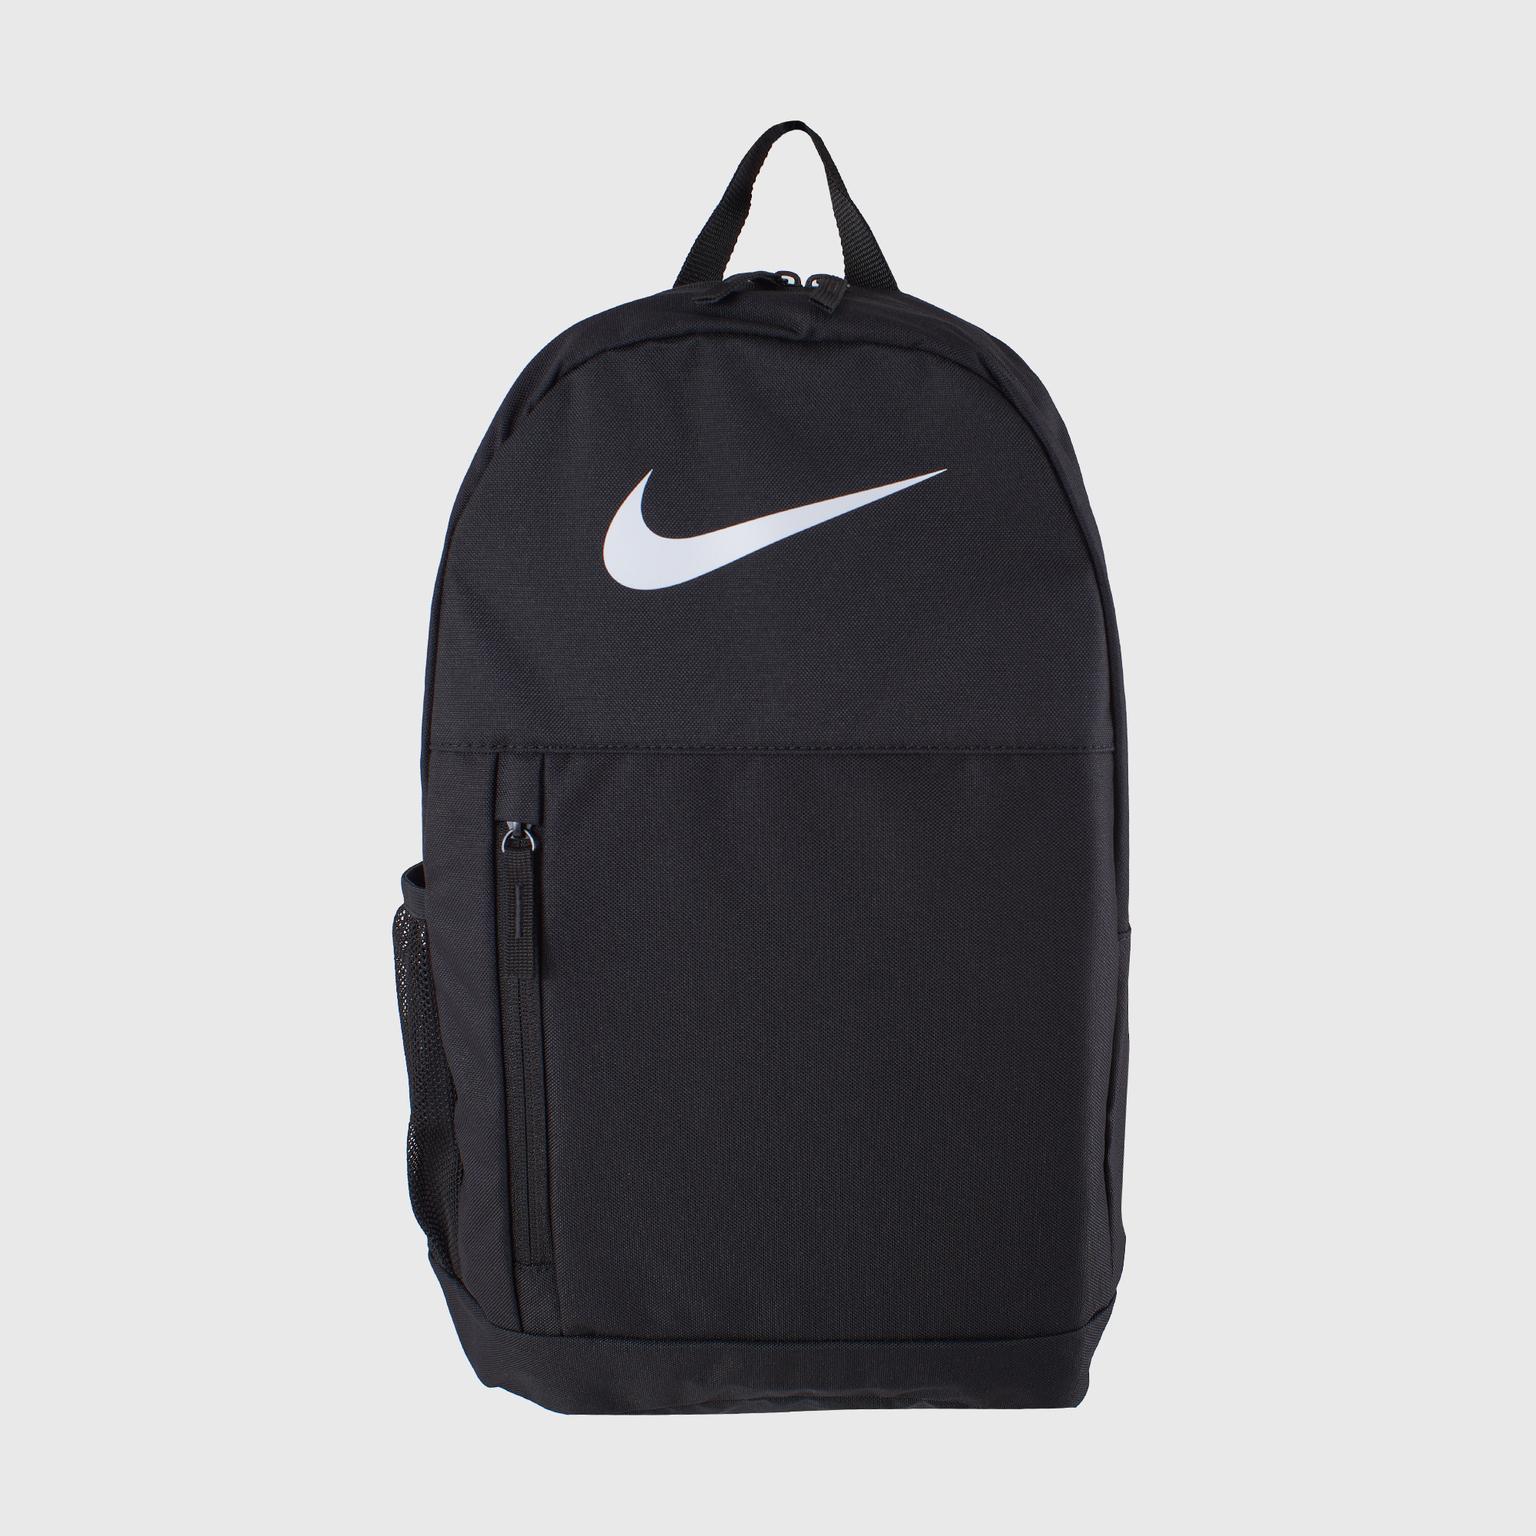 Рюкзак Nike Elemental Backpack BA6603-010 рюкзак nike nike ni464bghusy0